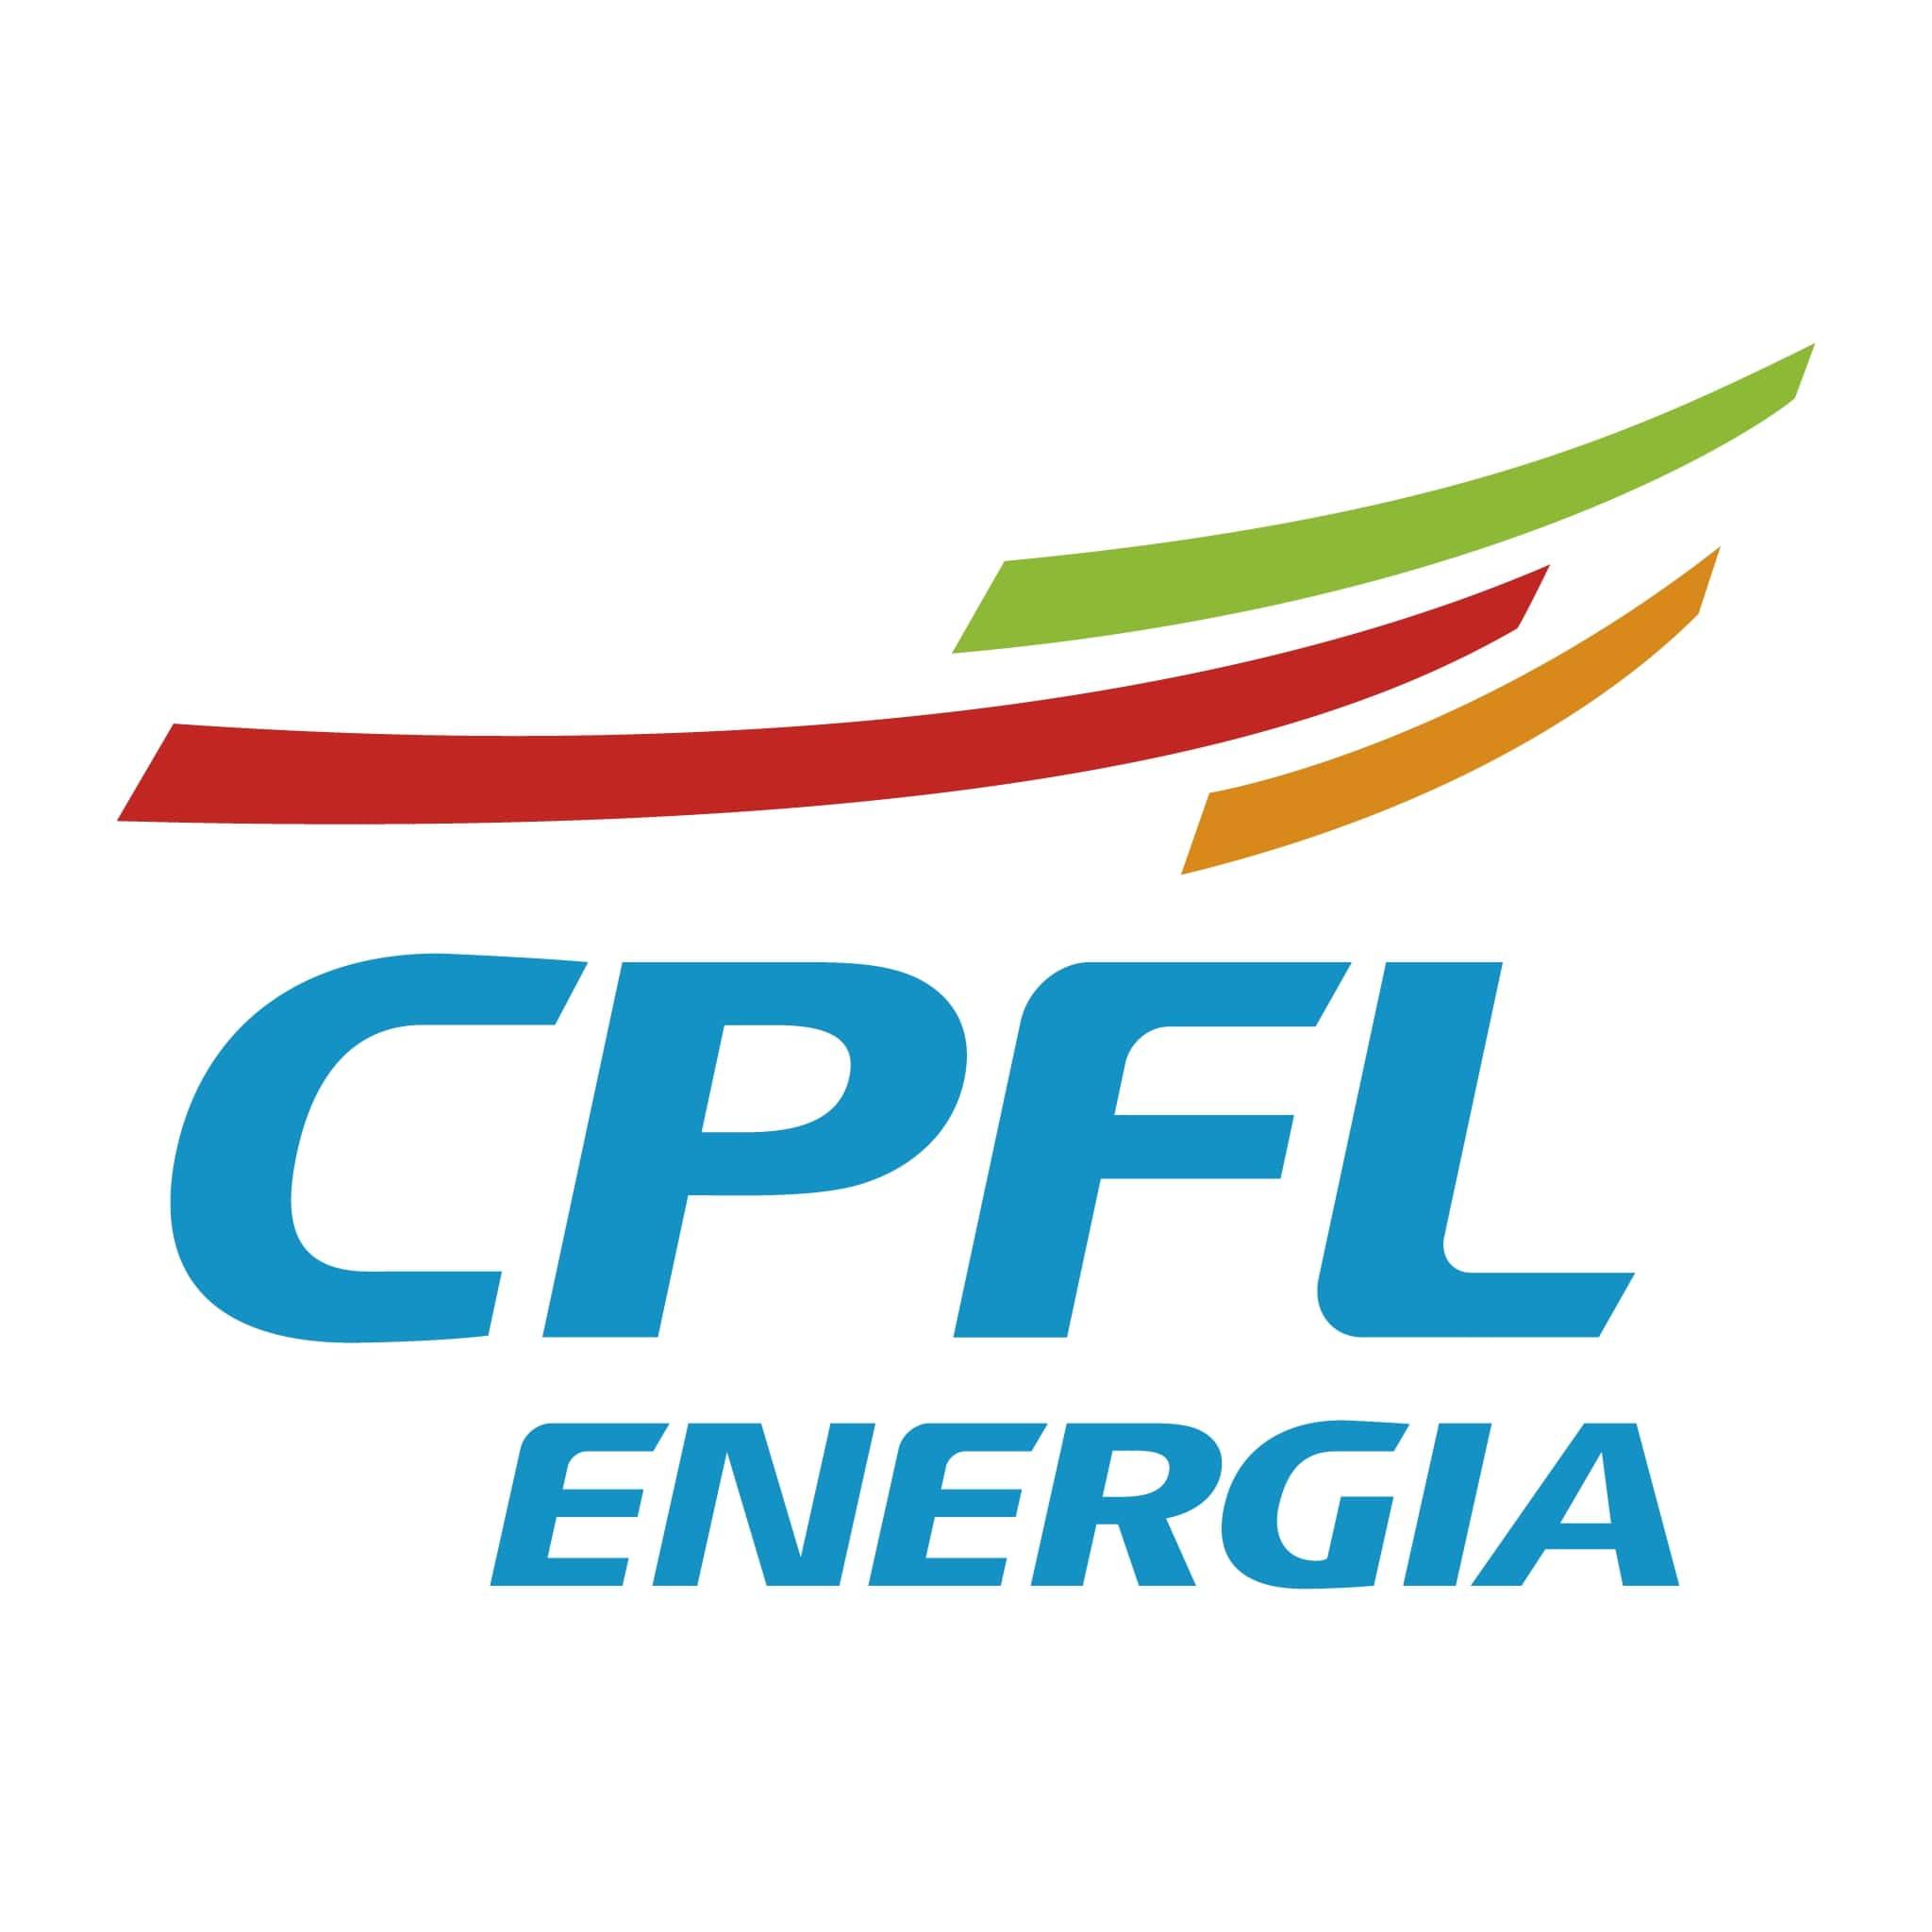 Programa de Eficiência Energética - Grupo CPFL